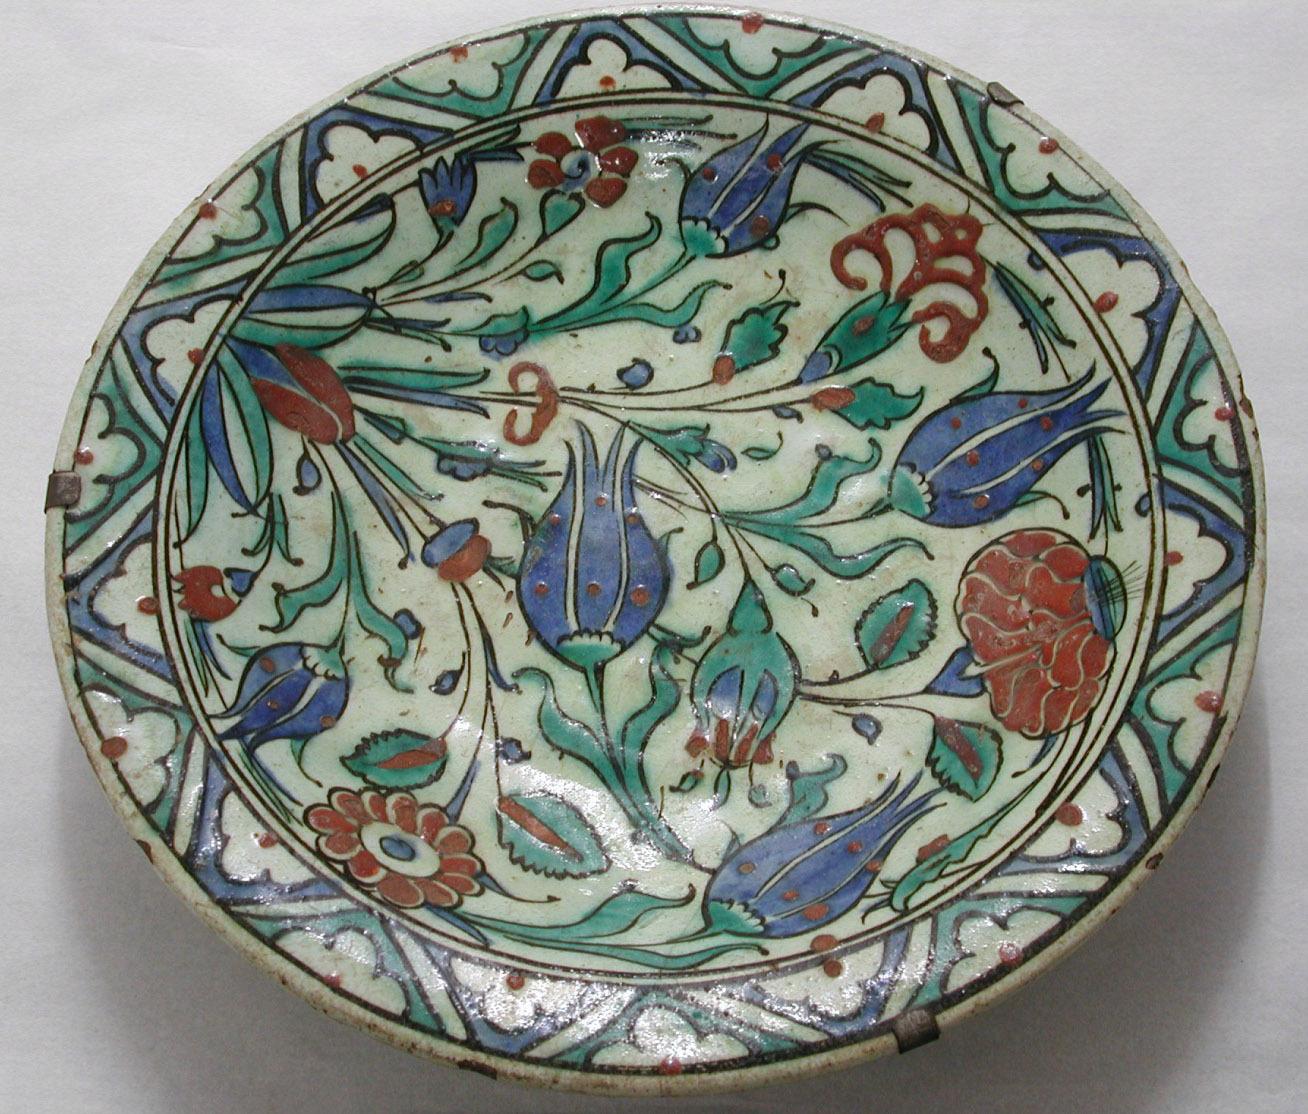 Osmanischer Teller mit floralem Dekor